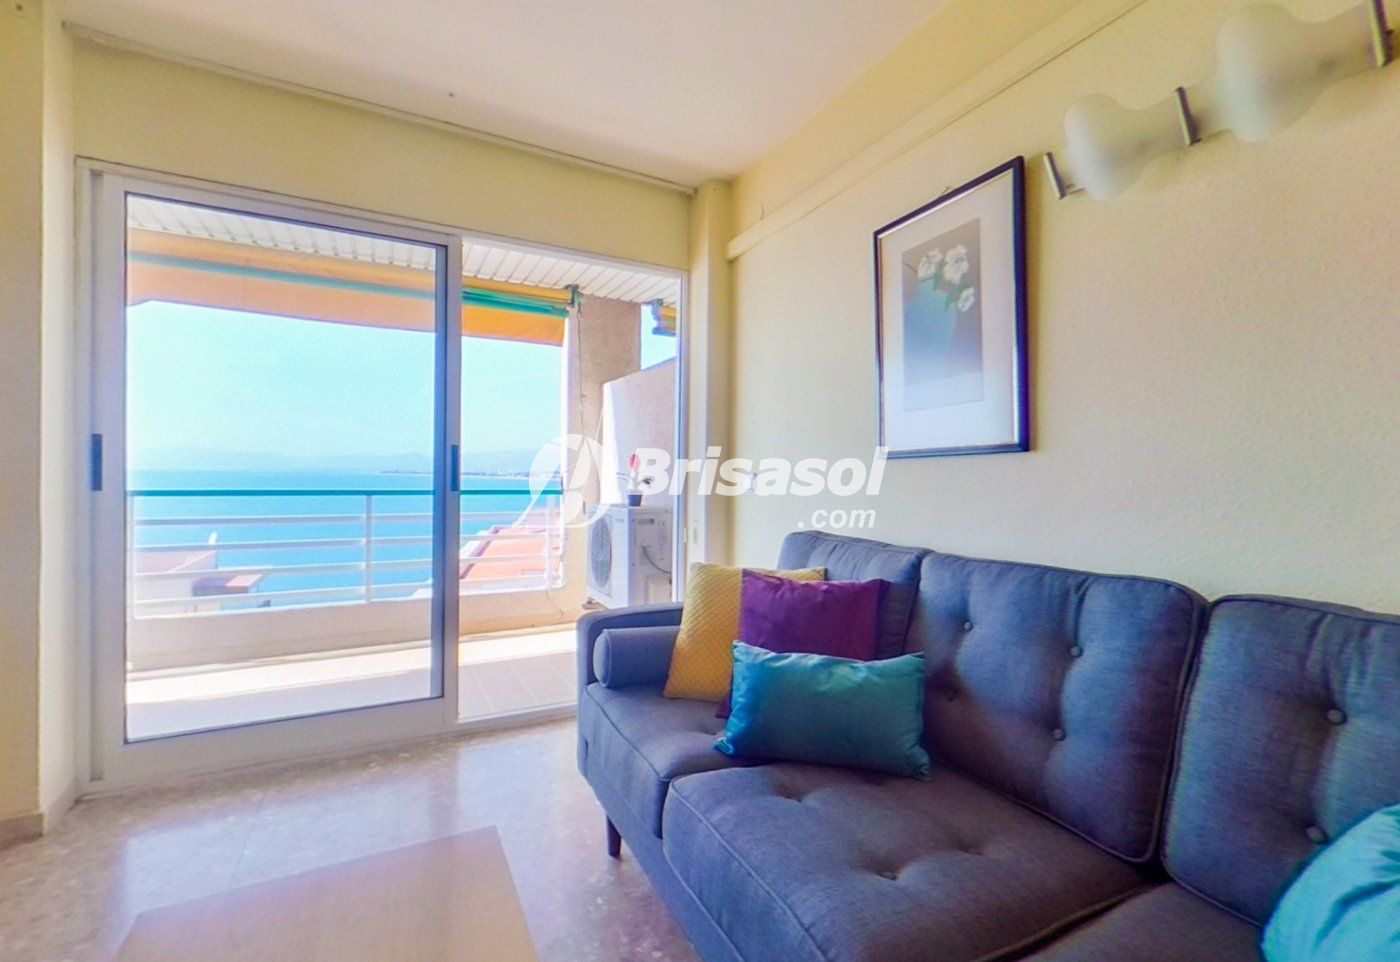 Salou -  Fantástico apartamento en venta con vistas al mar.